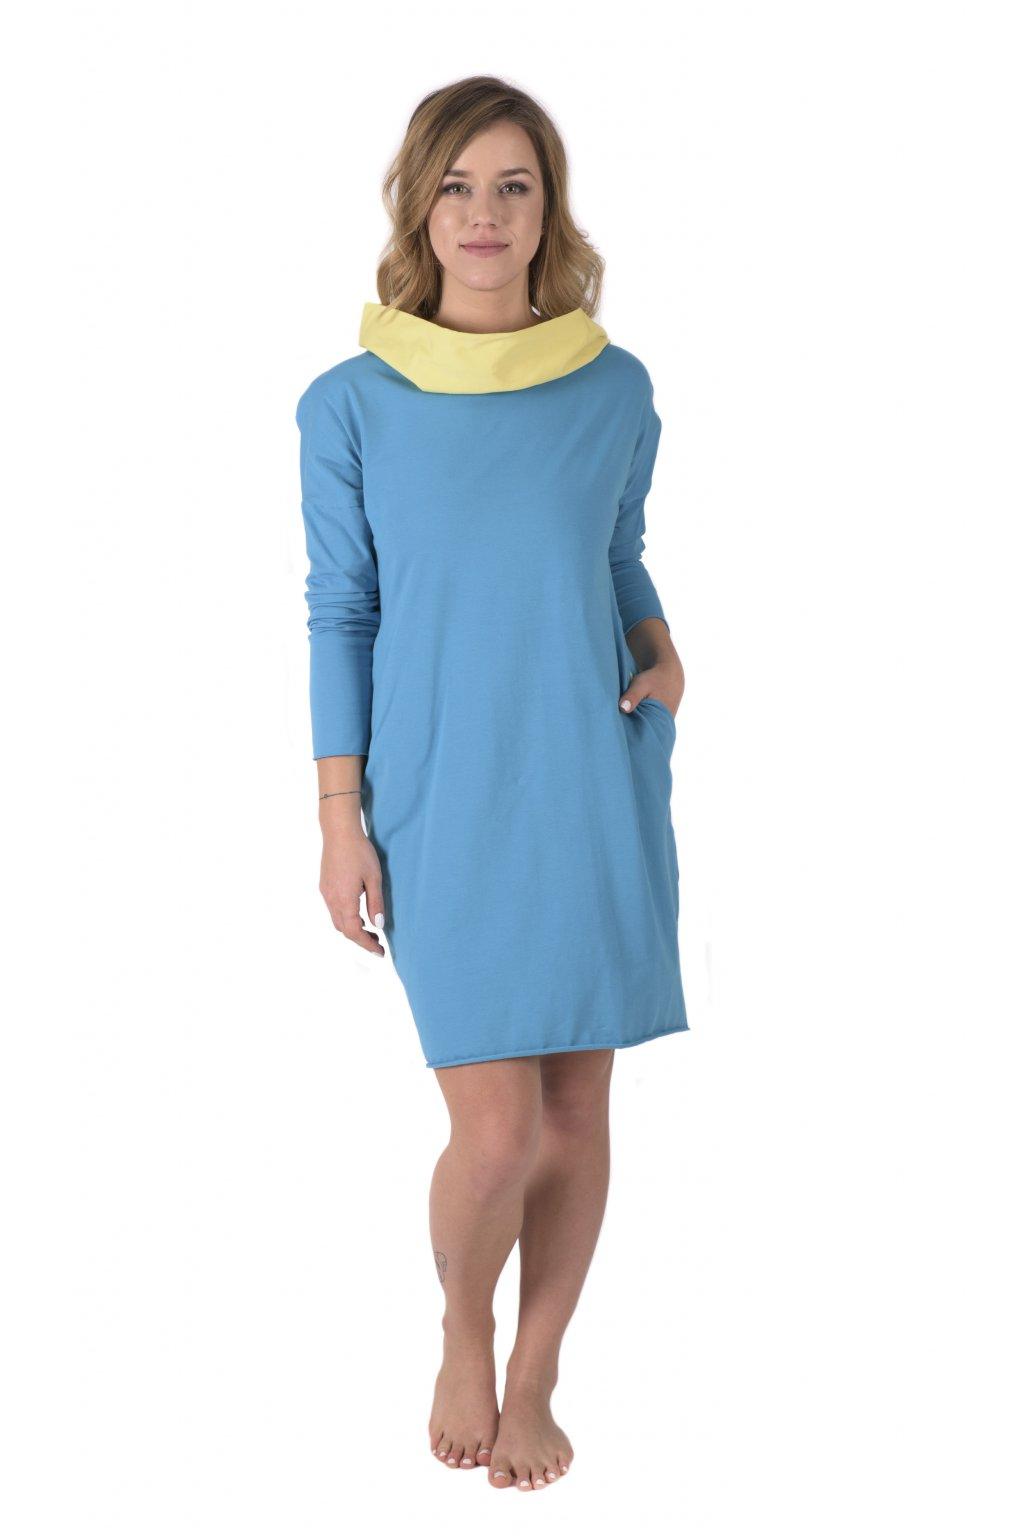 Šaty s kapucí a kapsami Arduinna / Tyrkysová + Žlutá